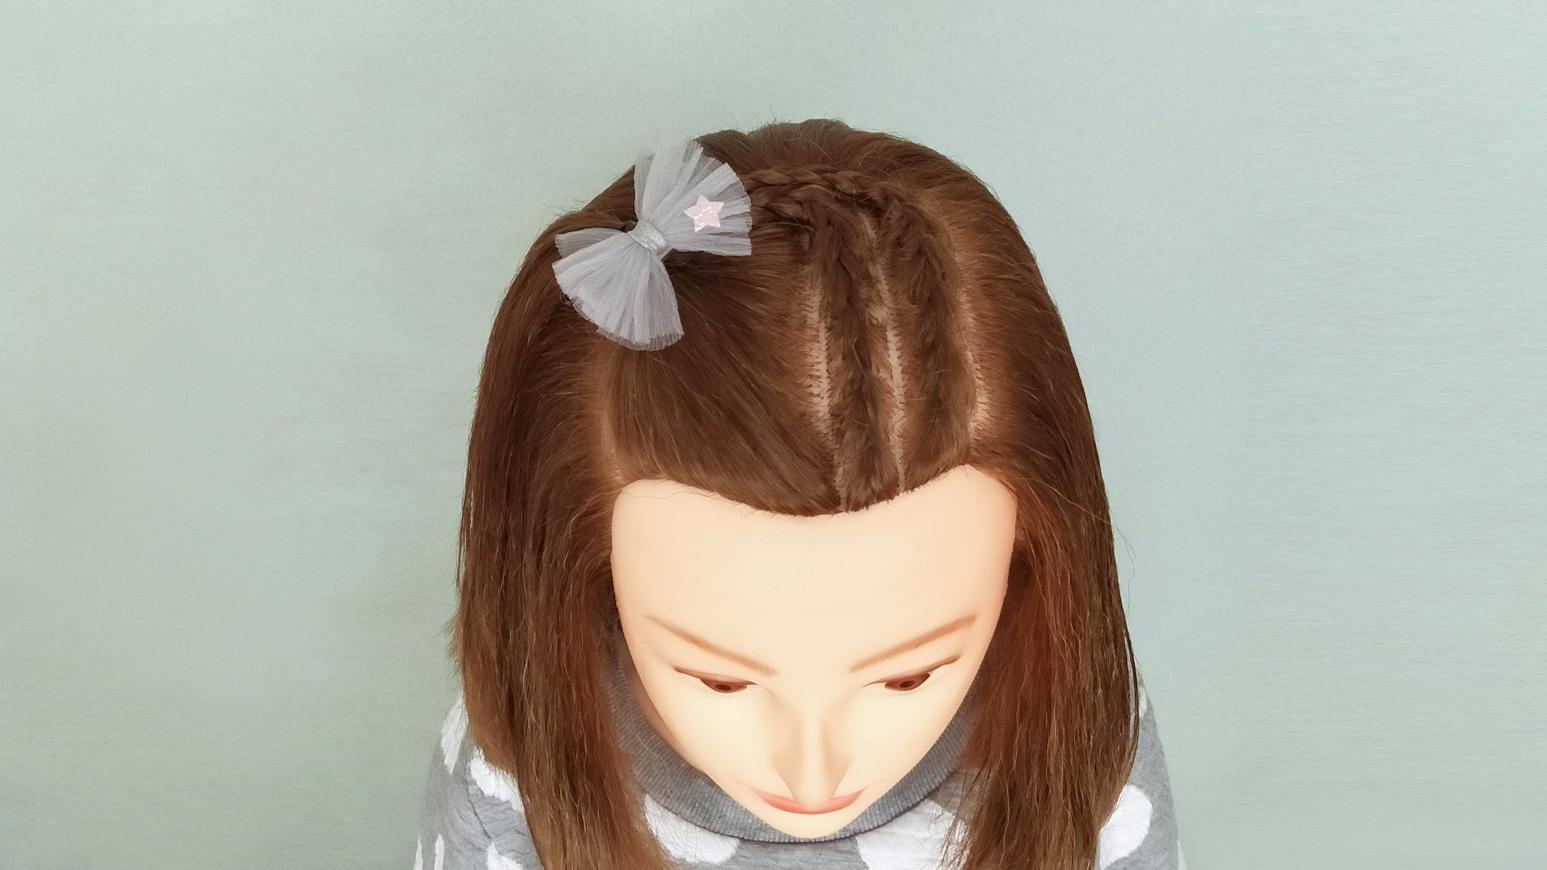 刘海蜈蚣辫编发教程 儿童简单发型扎法